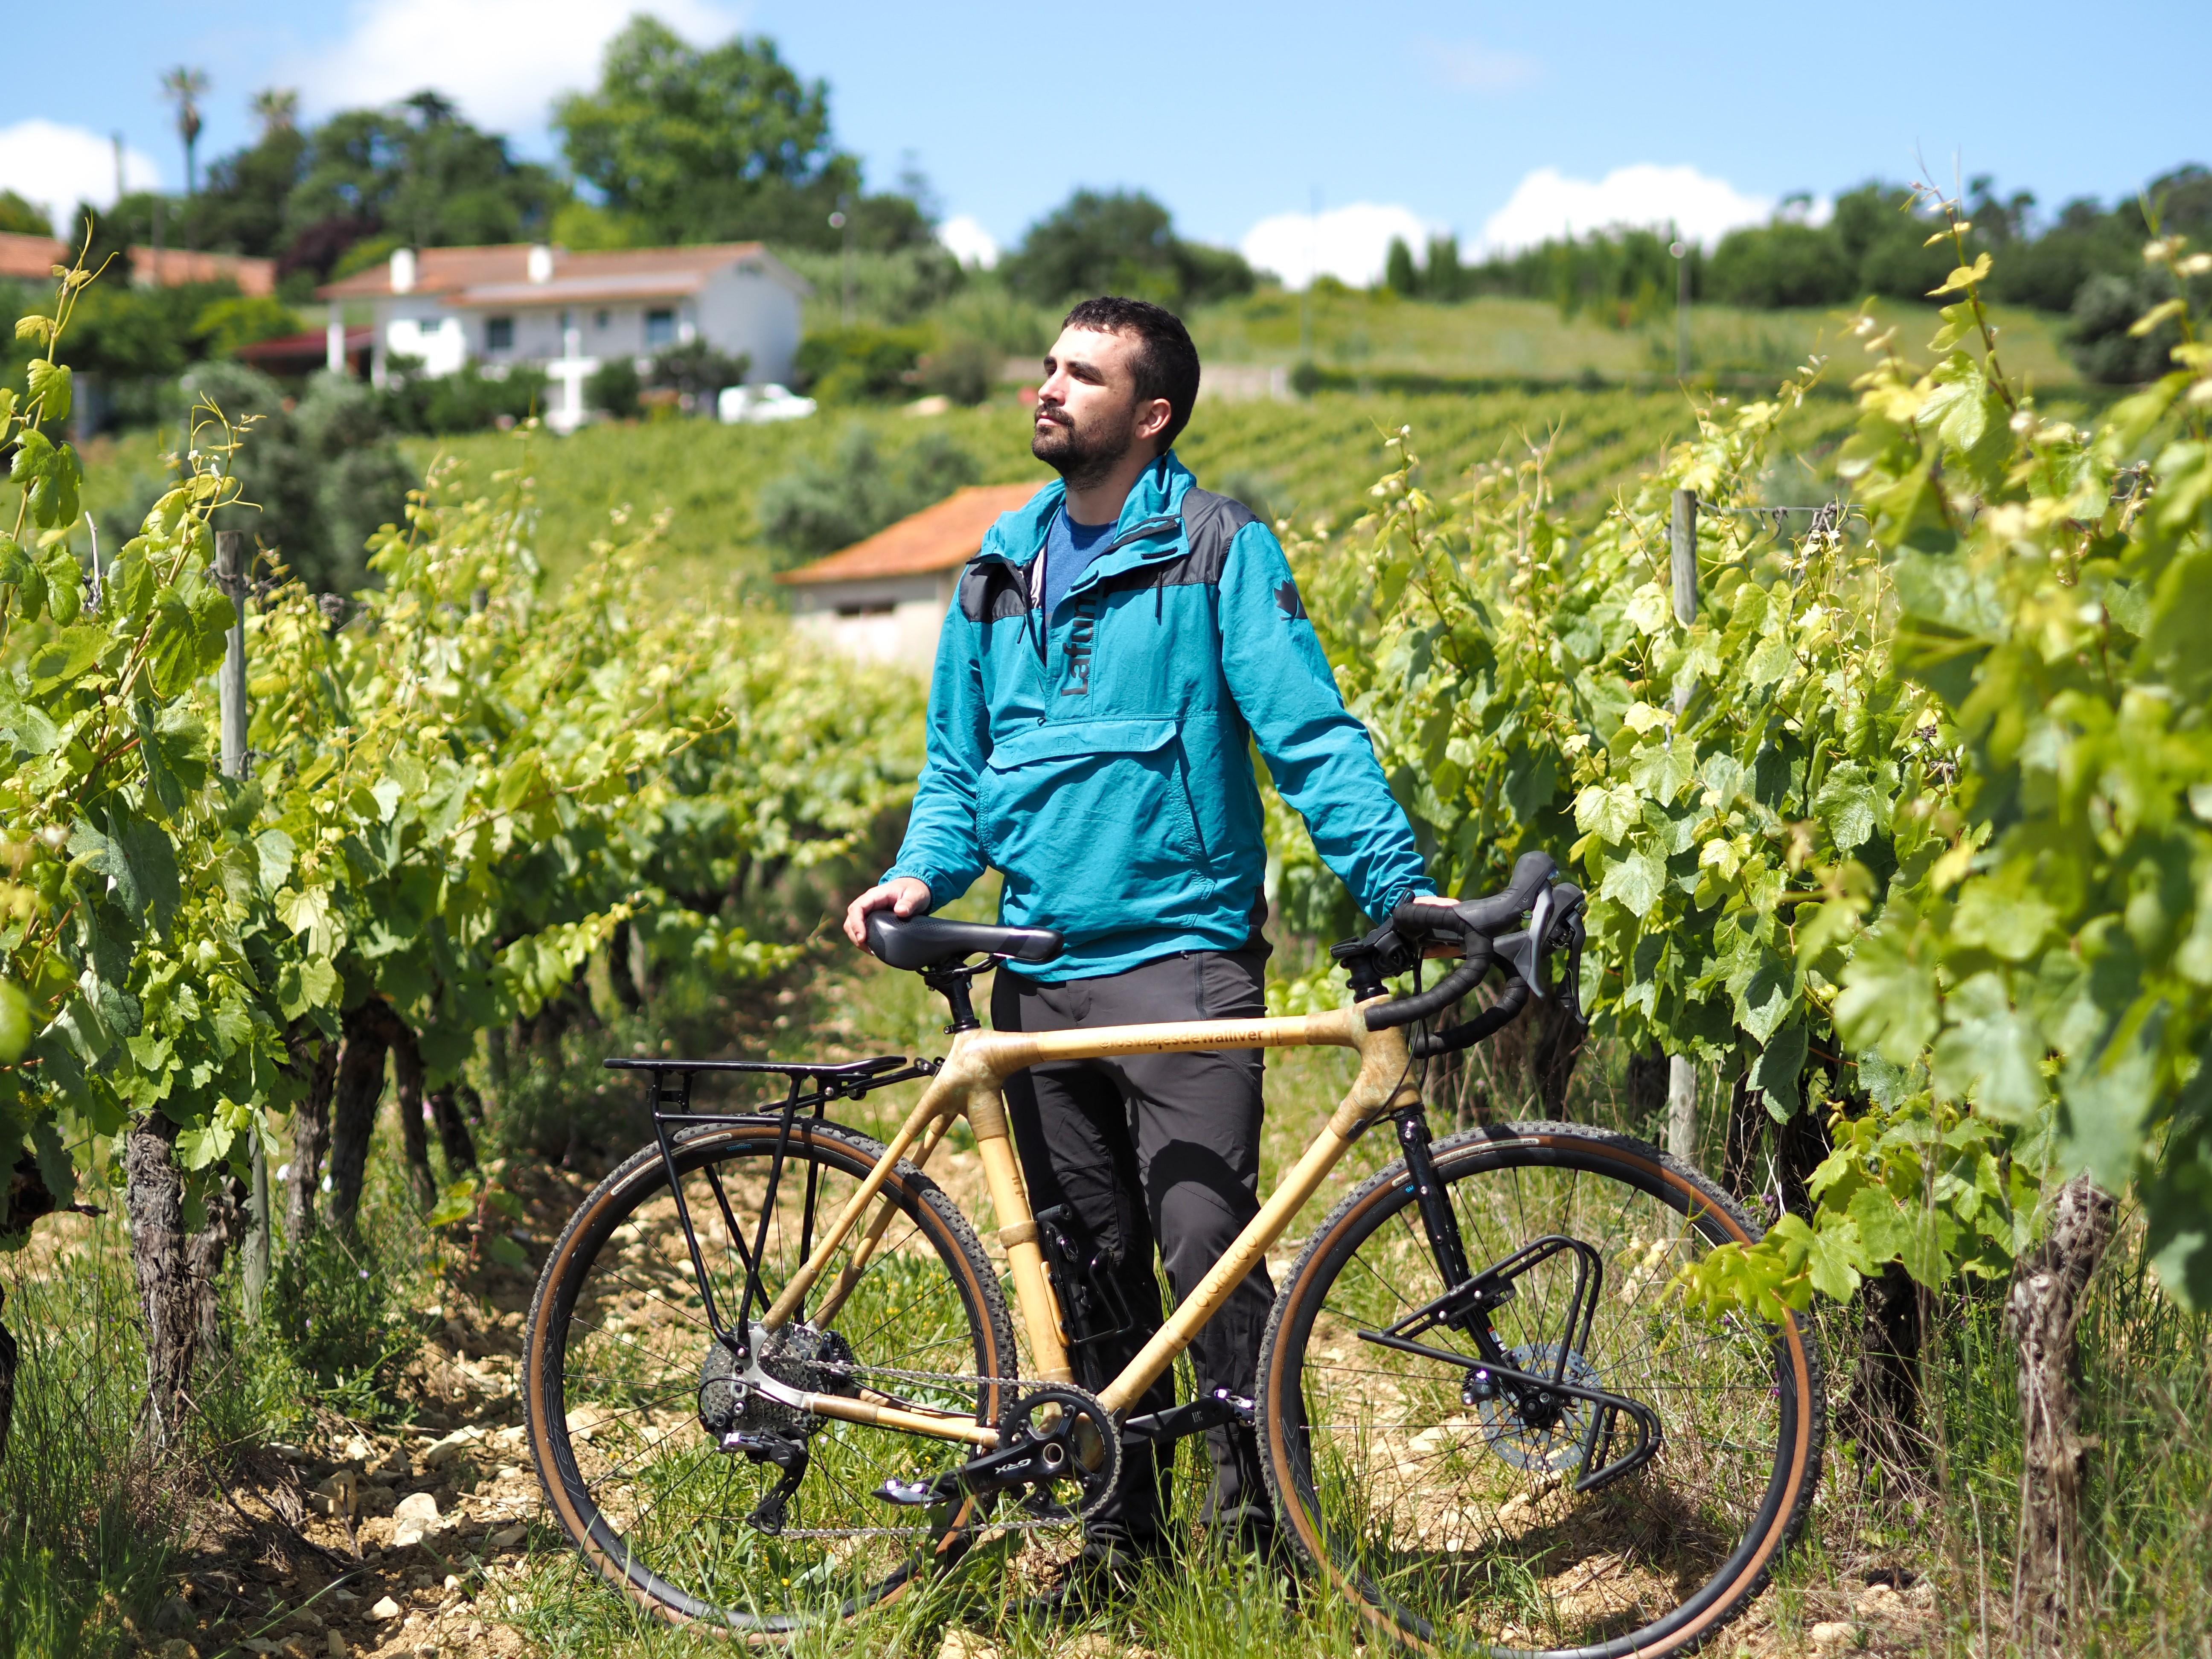 Sergi Unanue recorrerá Europa de punta a punta con una bicicleta de bambú